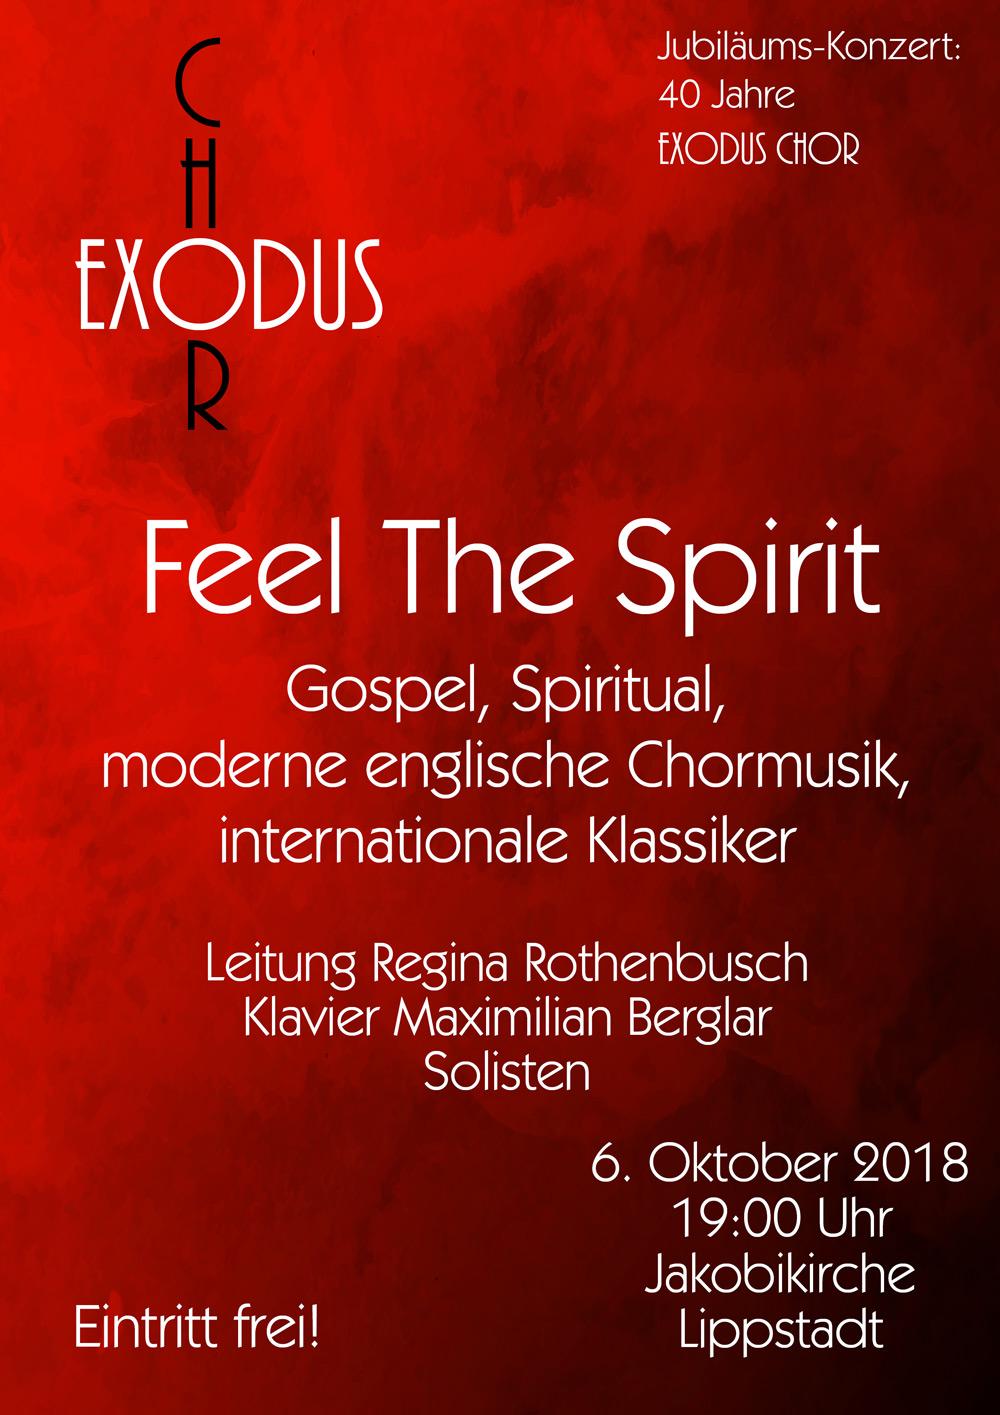 Plakat Exodus Chor Jakobikirche Lippstadt